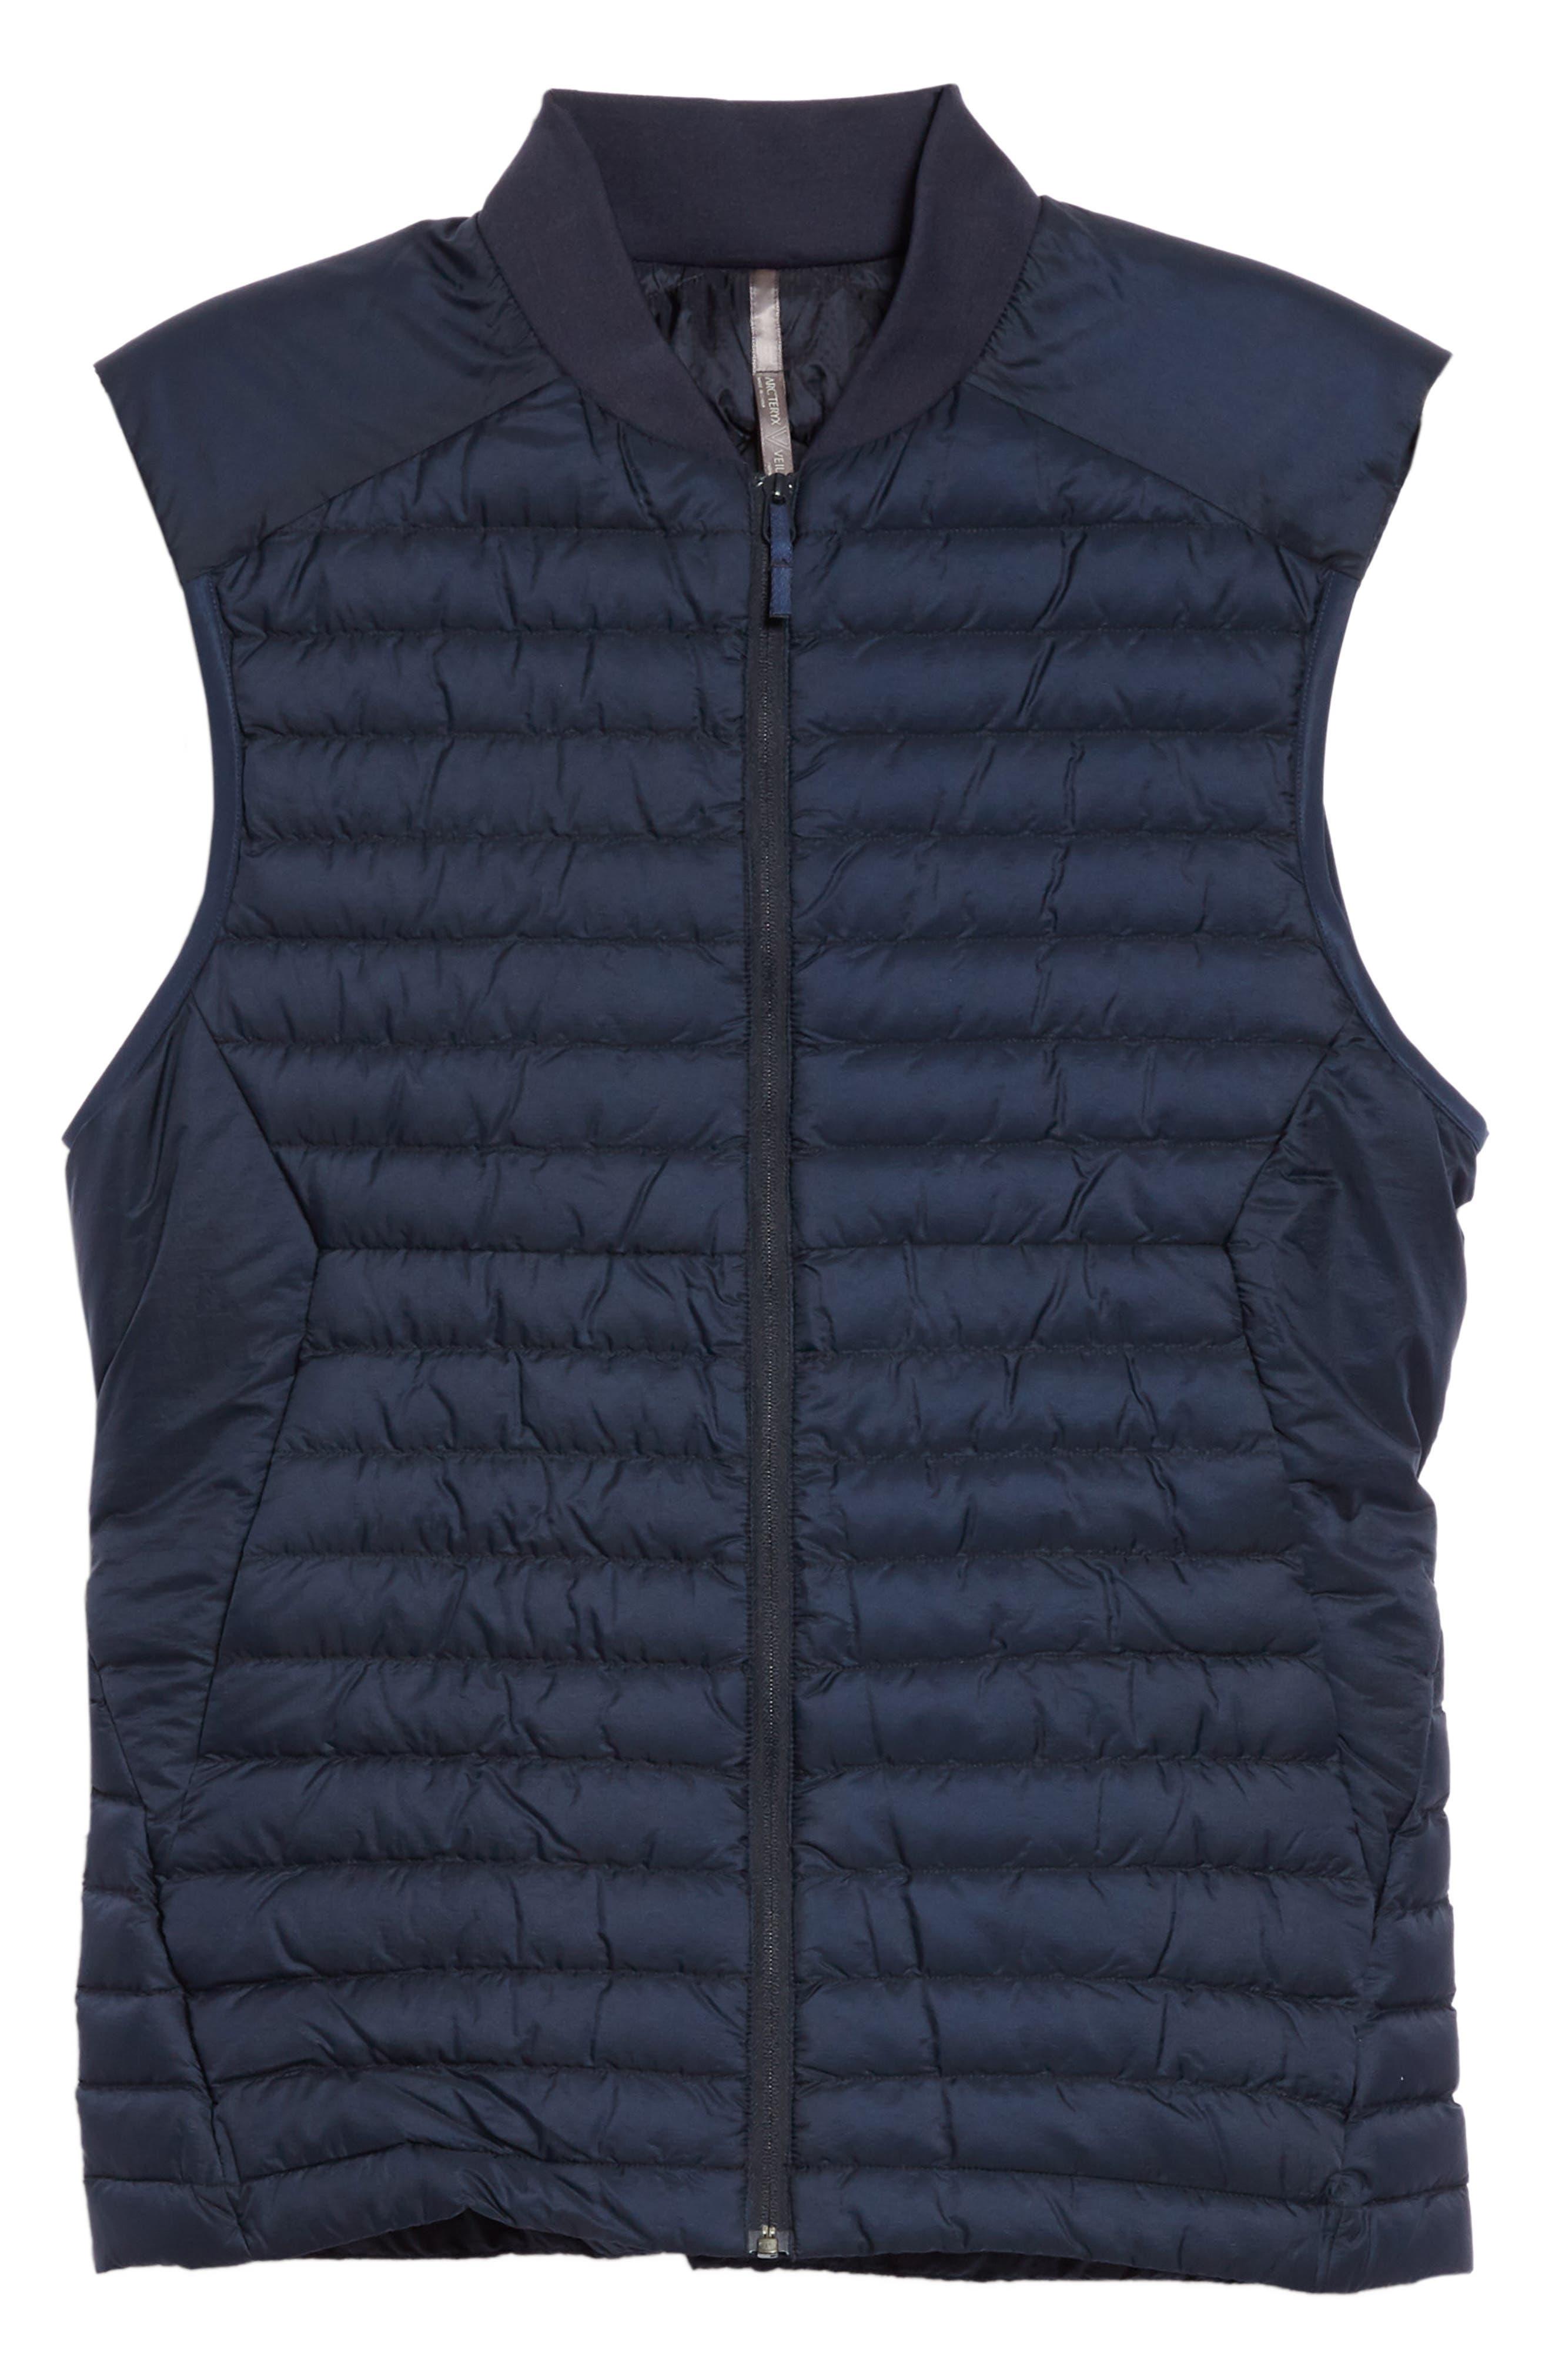 ARC'TERYX VEILANCE, Conduit Lightweight Down Vest, Main thumbnail 1, color, 410